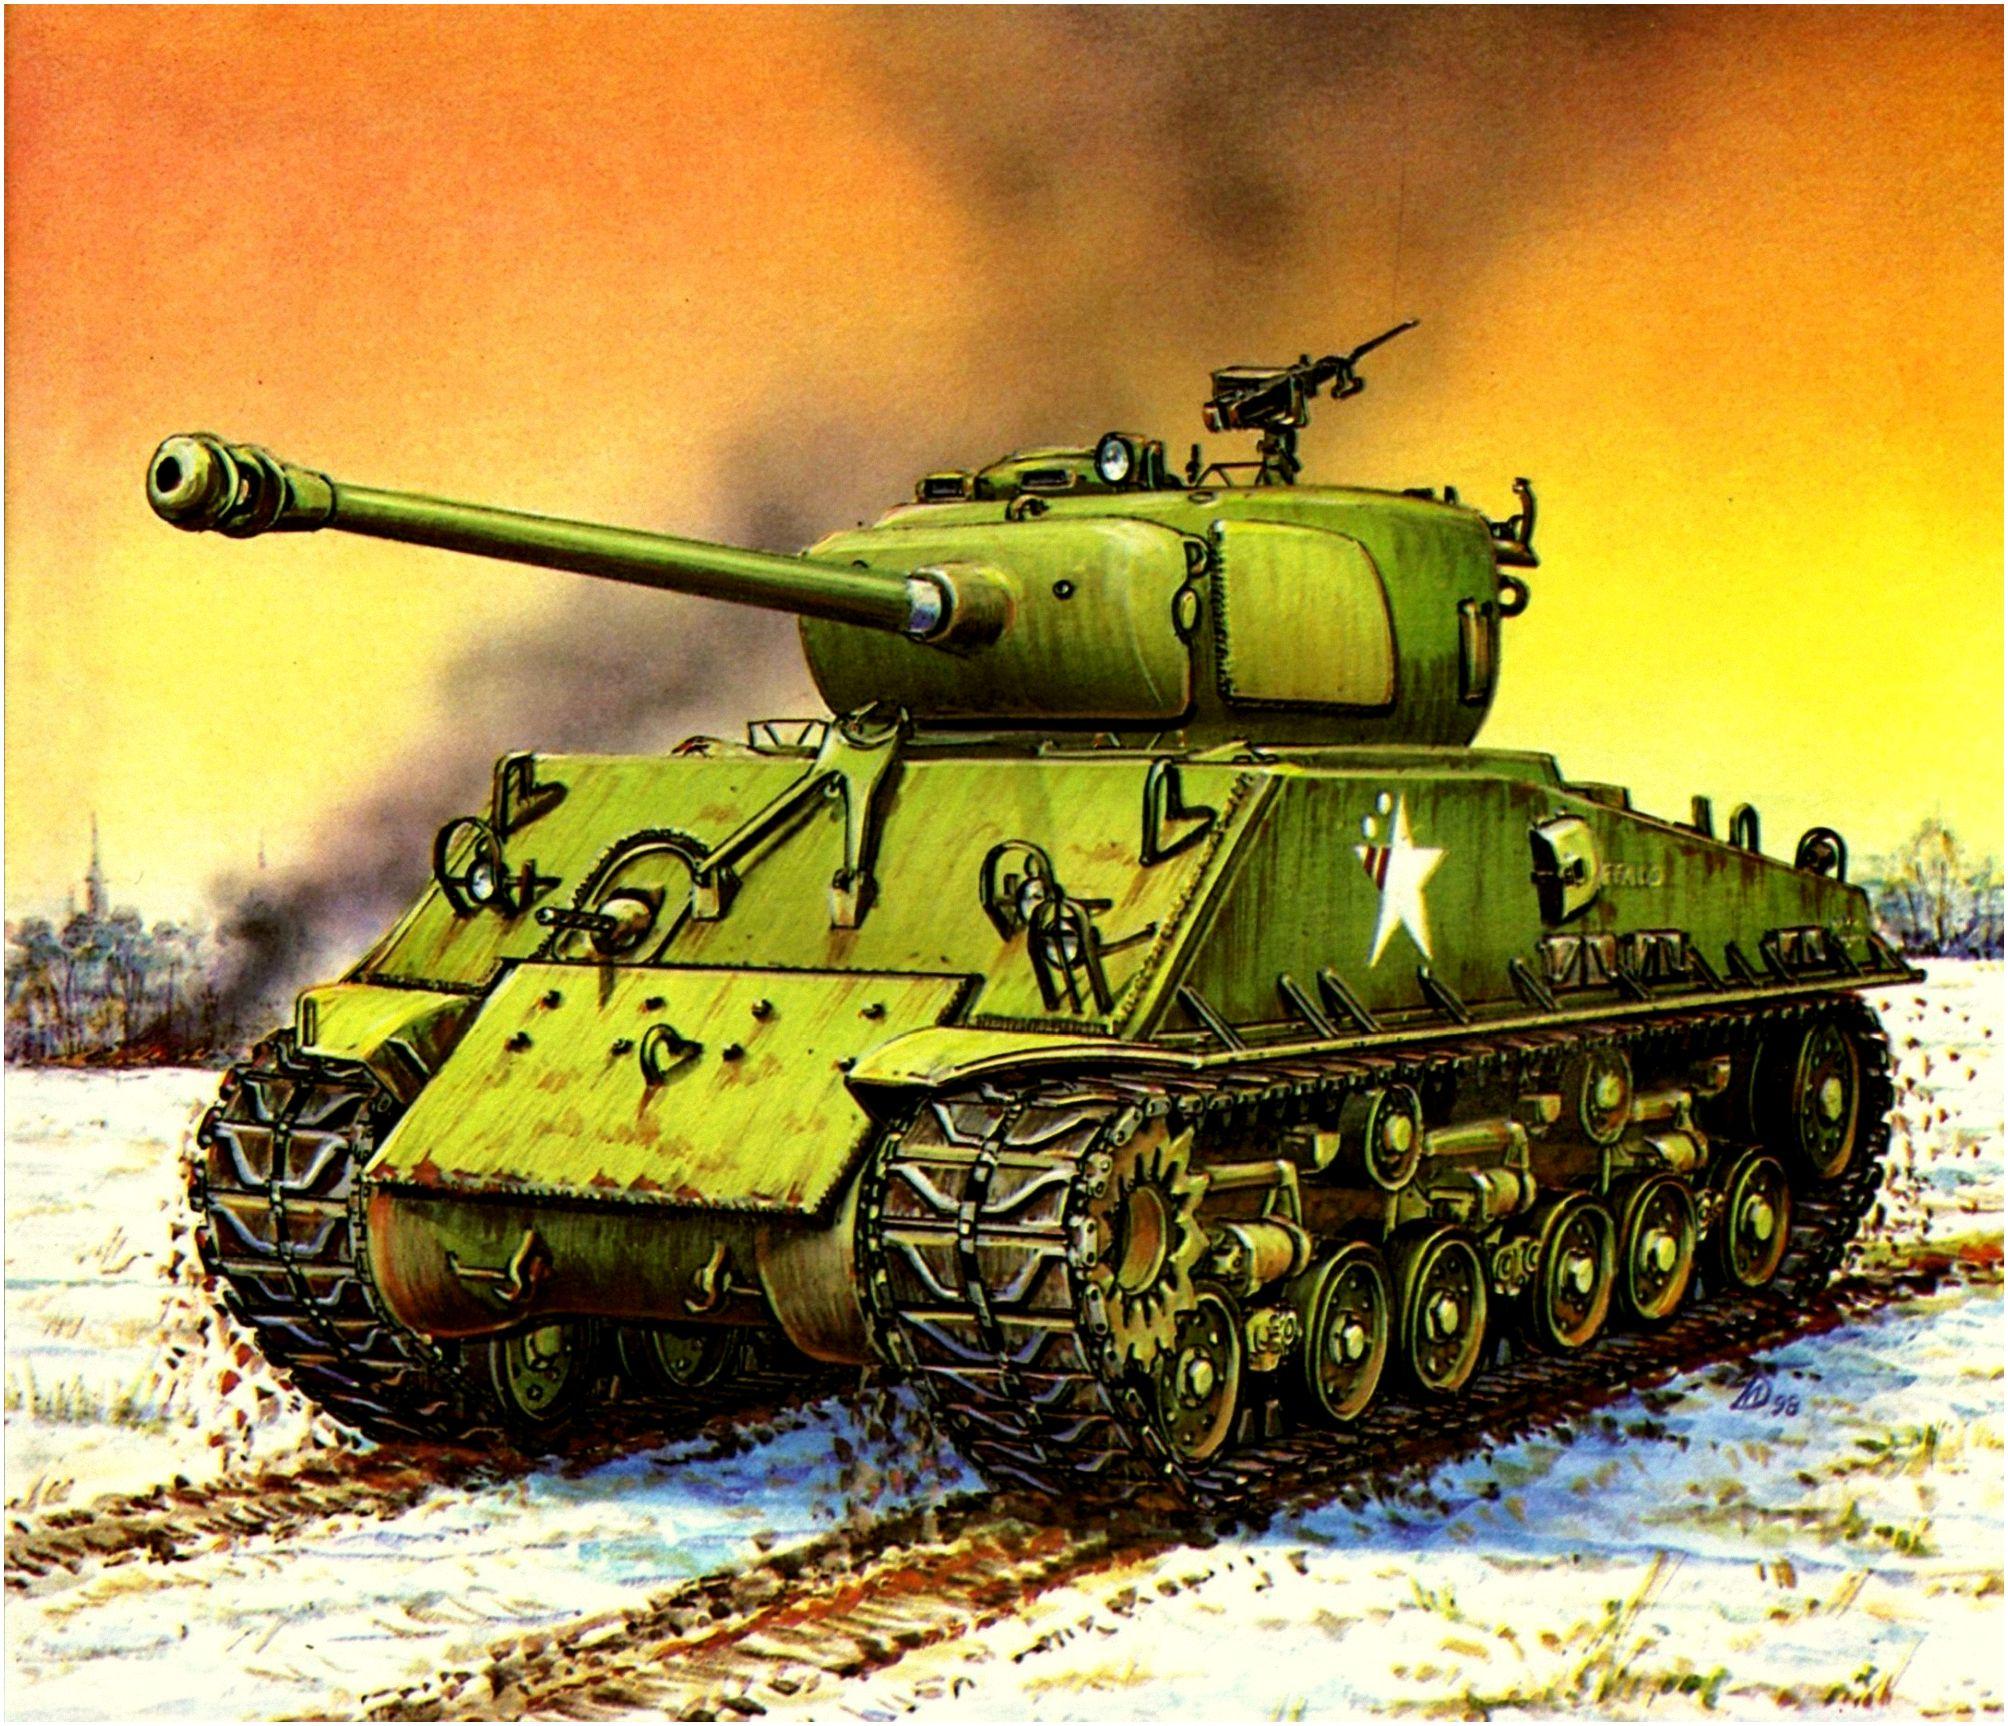 Дмитриев Михаил. Танк M-4A3E8 Sherman.